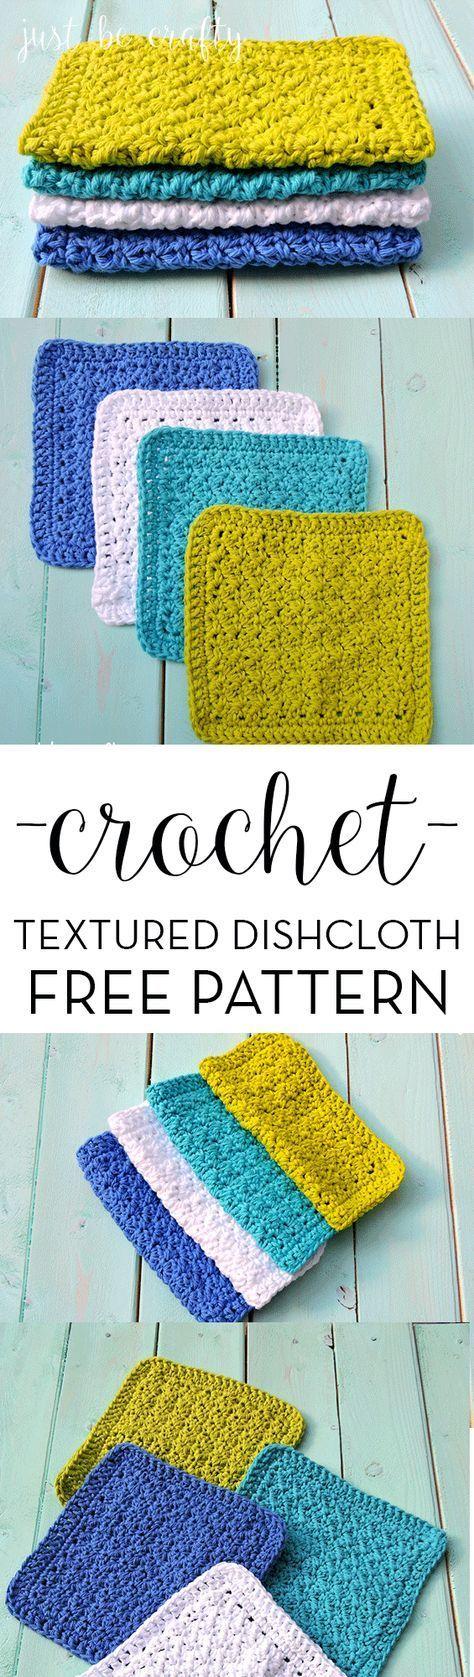 608 besten Crochet Dish, Washcloths & Scrubs Bilder auf Pinterest